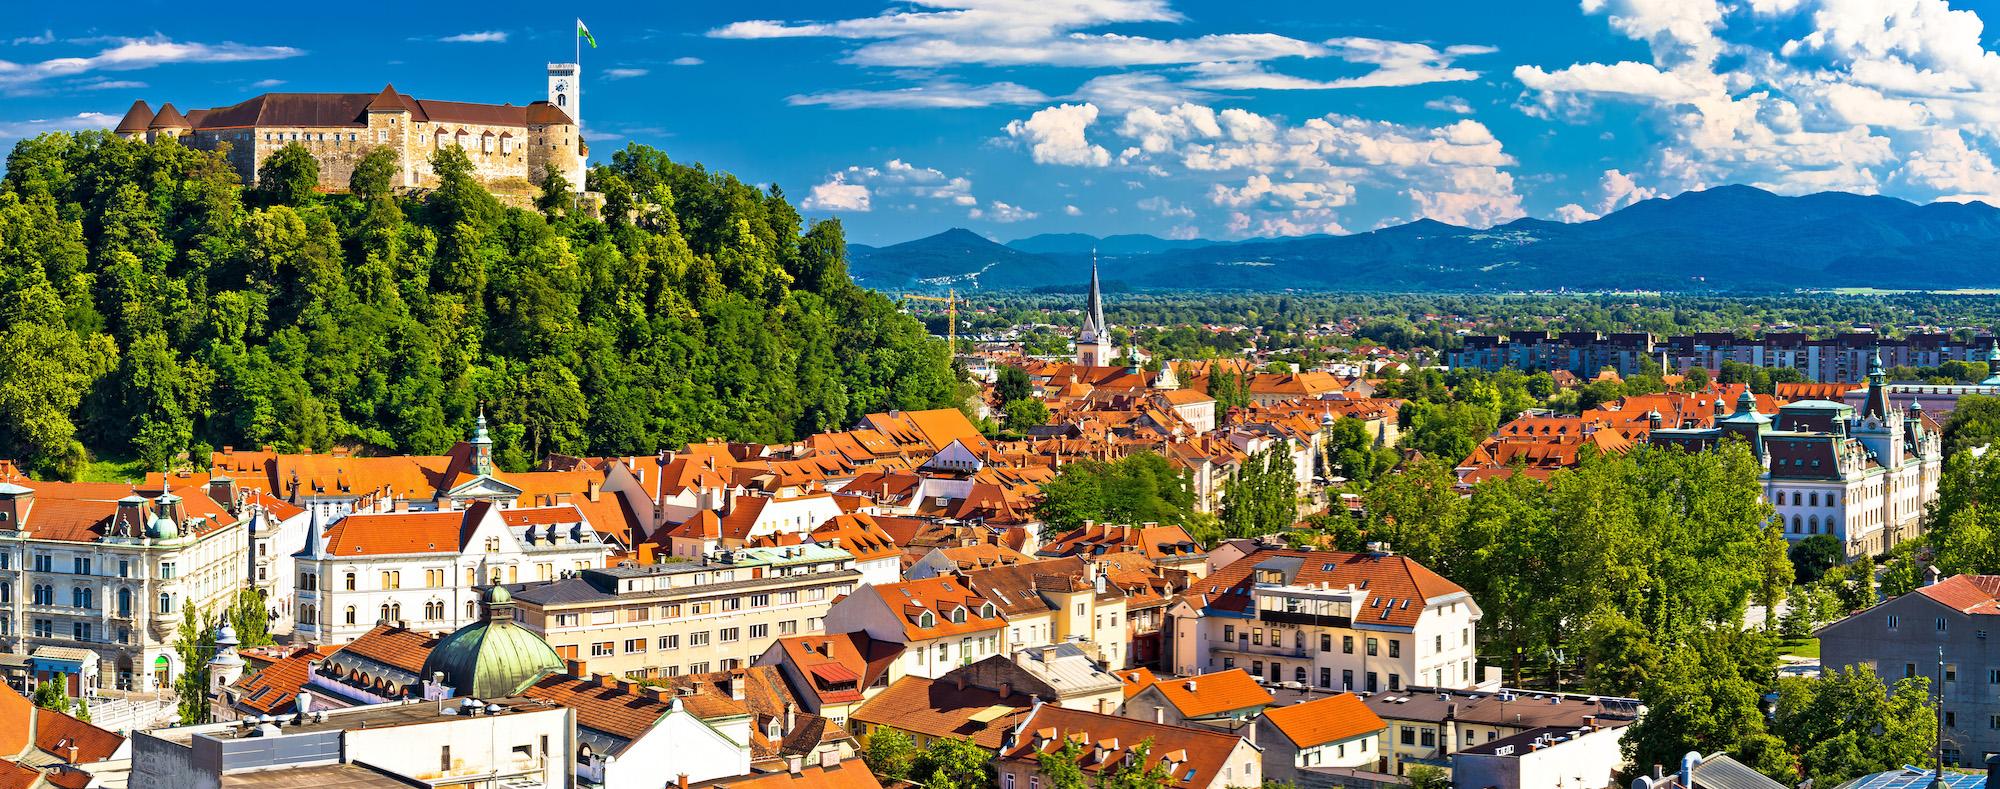 Strategija održivog razvoja turizma i marketing strategija Ljubljane i ljubljanske regije 2020.-2025.